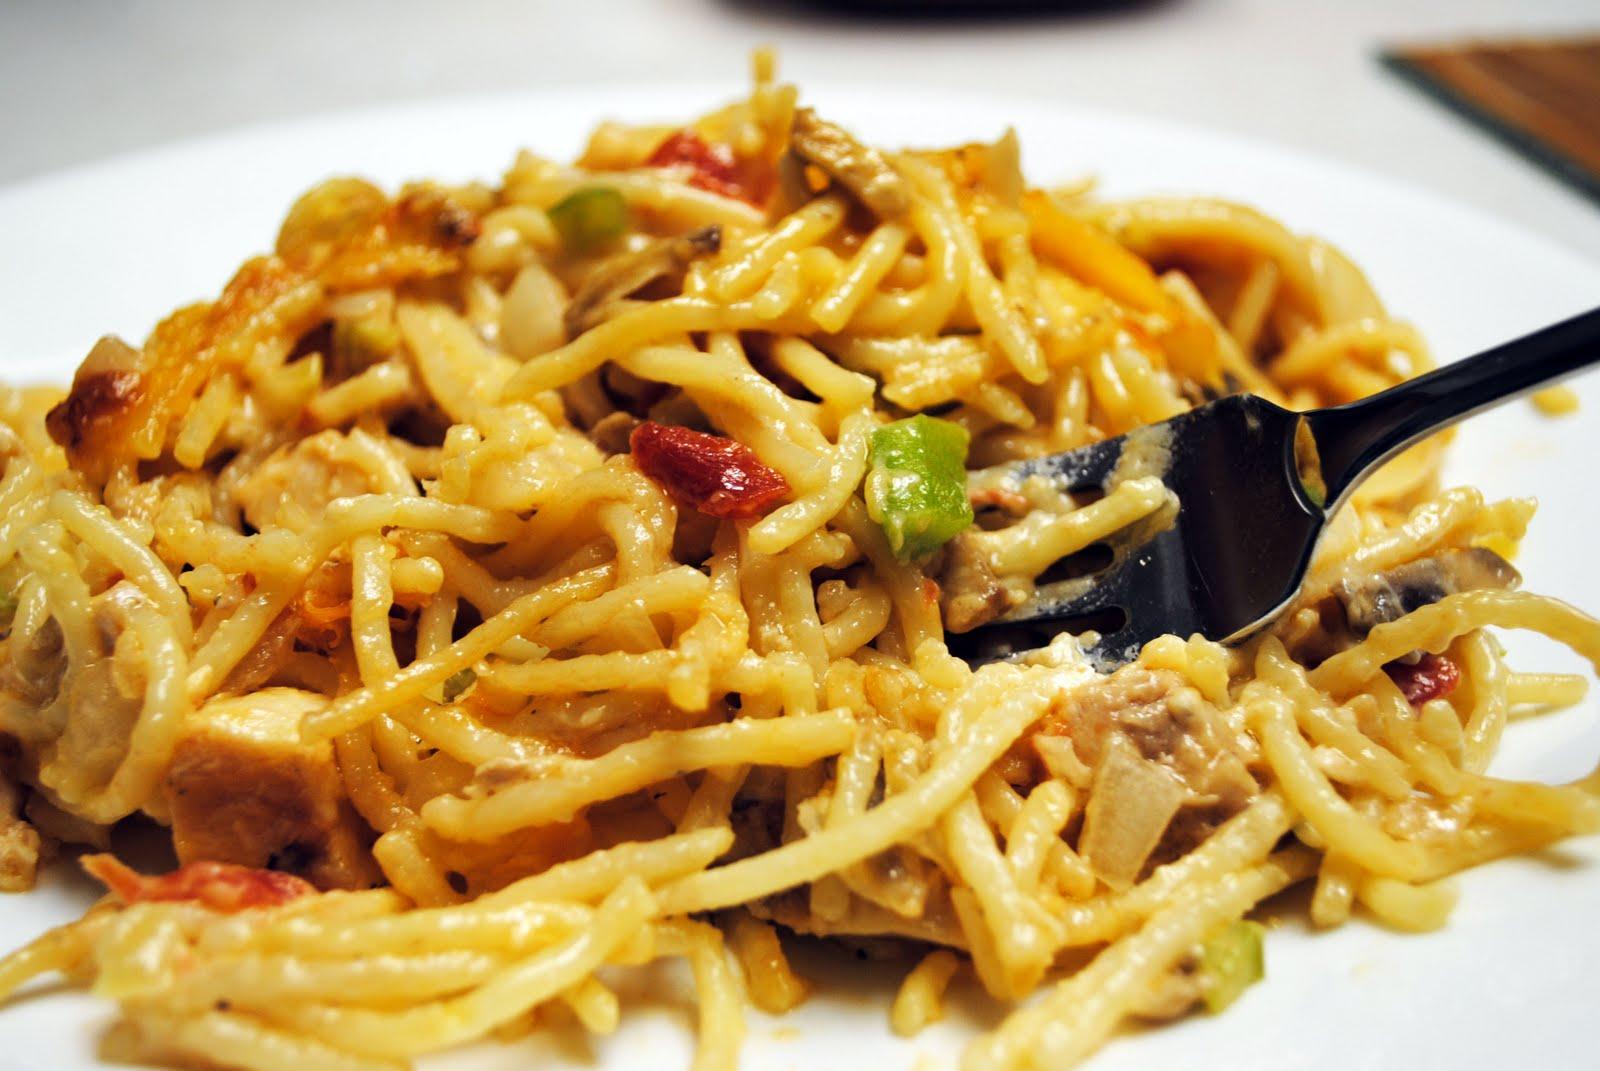 ... chicken spaghetti with chickpeas spaghetti popovers spaghetti sauce